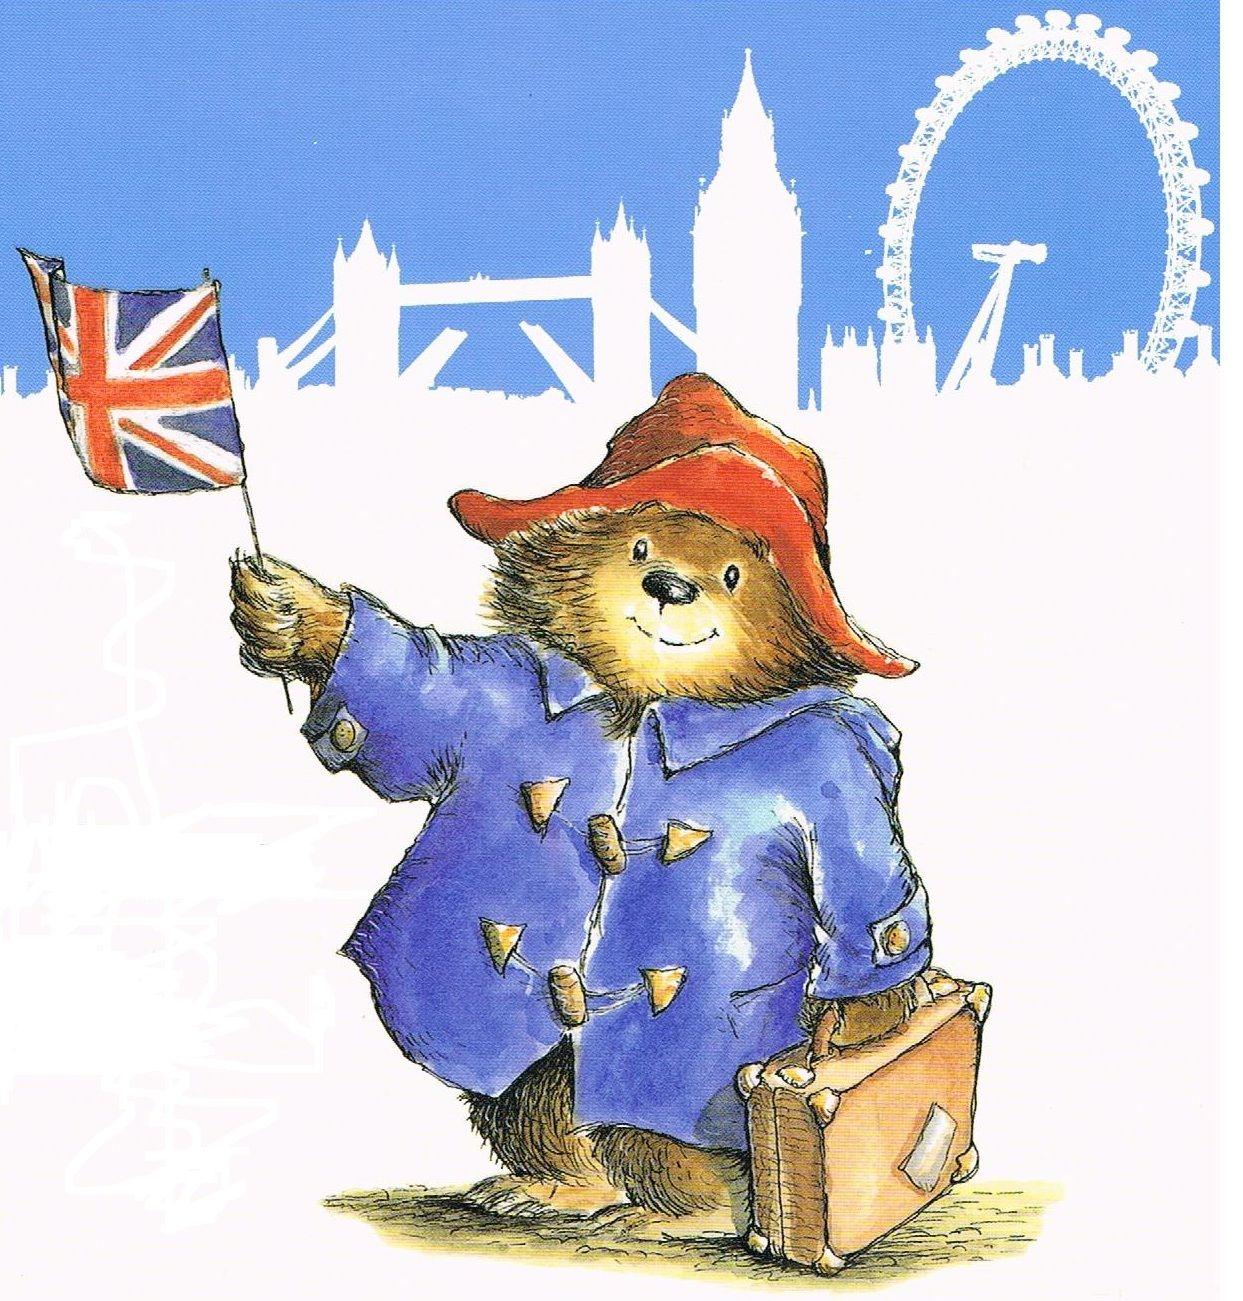 """Αποτέλεσμα εικόνας για ILLUSTRATION PUDDINGTON BEAR"""""""